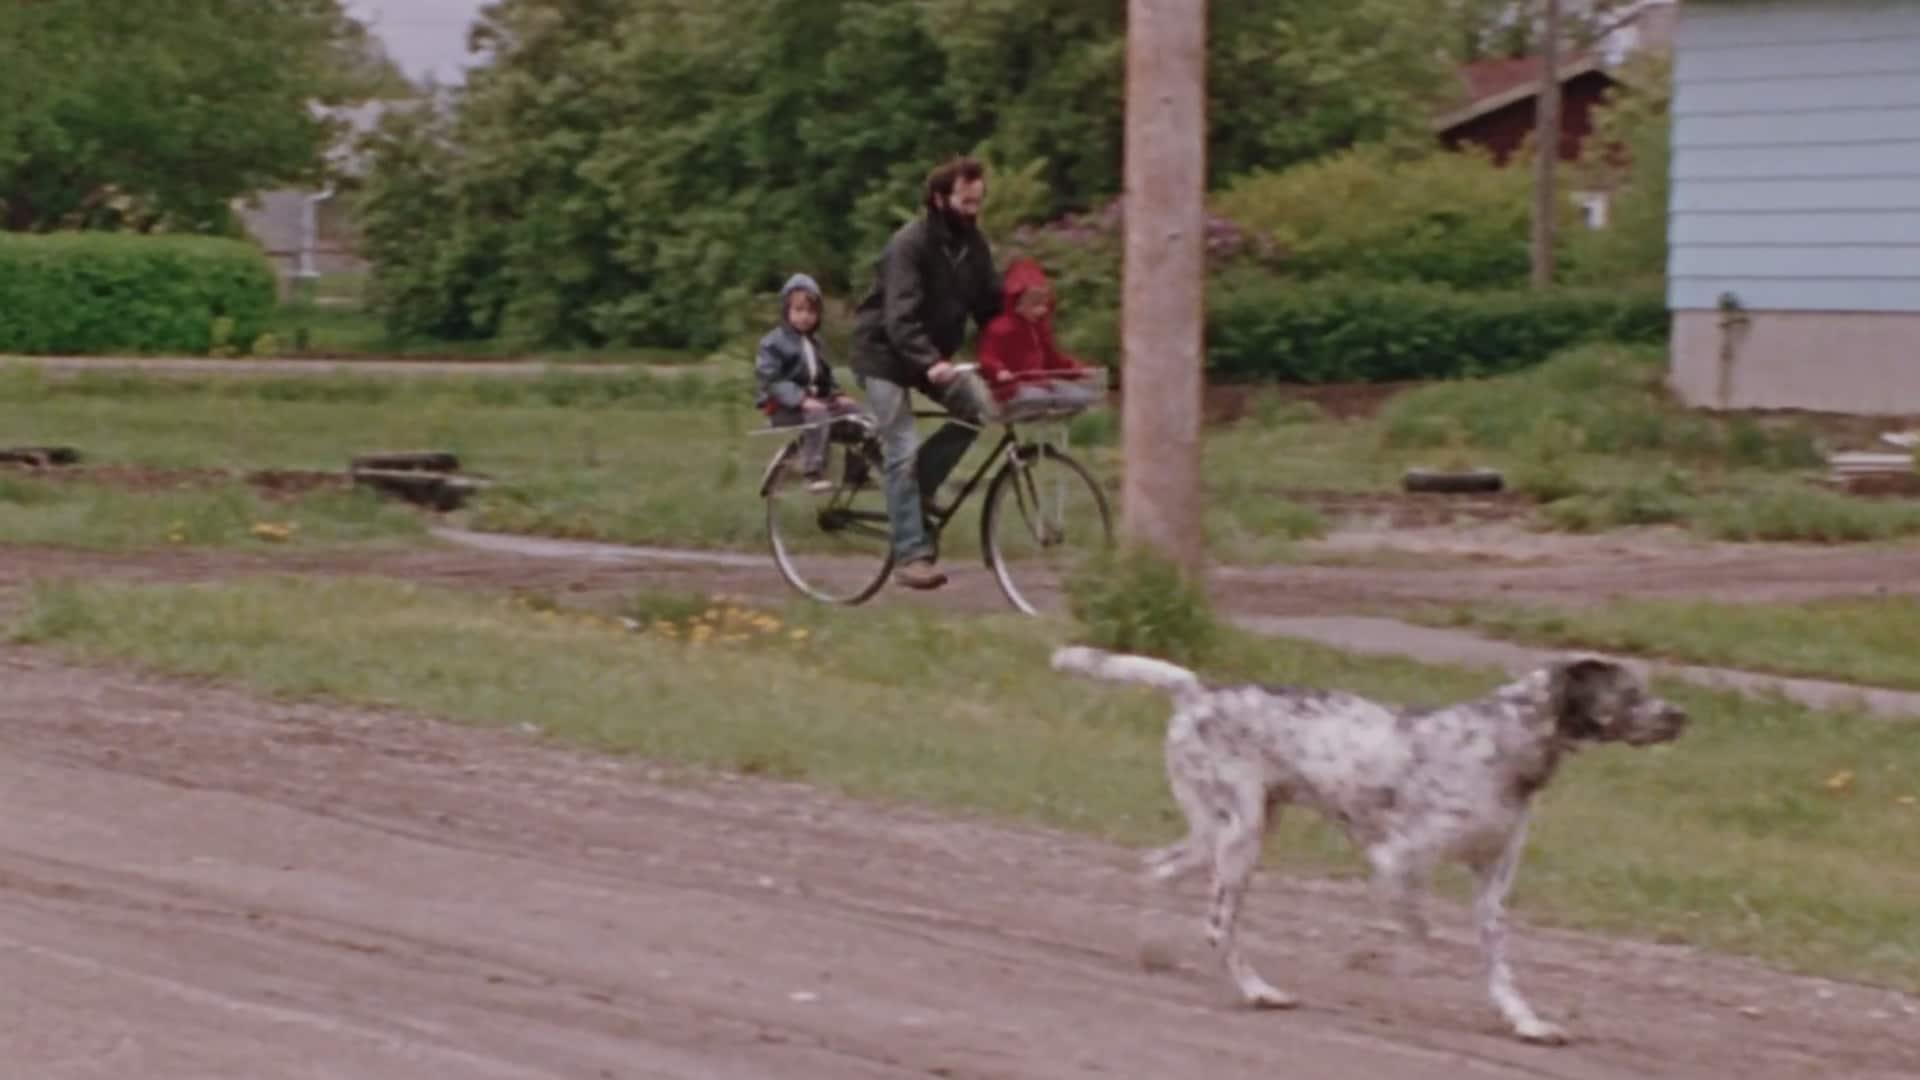 Joe Fafard sur son vélo avec deux enfants ainsi qu'un chien qui les suit.